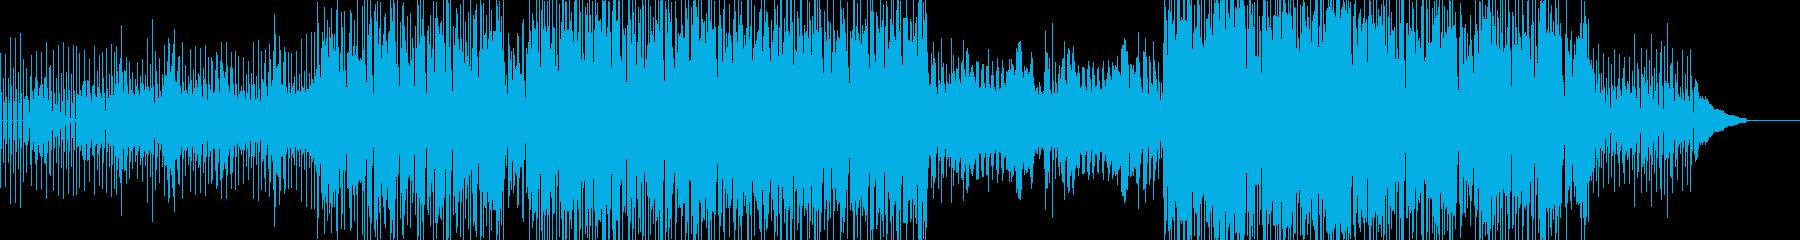 シンセとピアノによる神妙な雰囲気のテクノの再生済みの波形